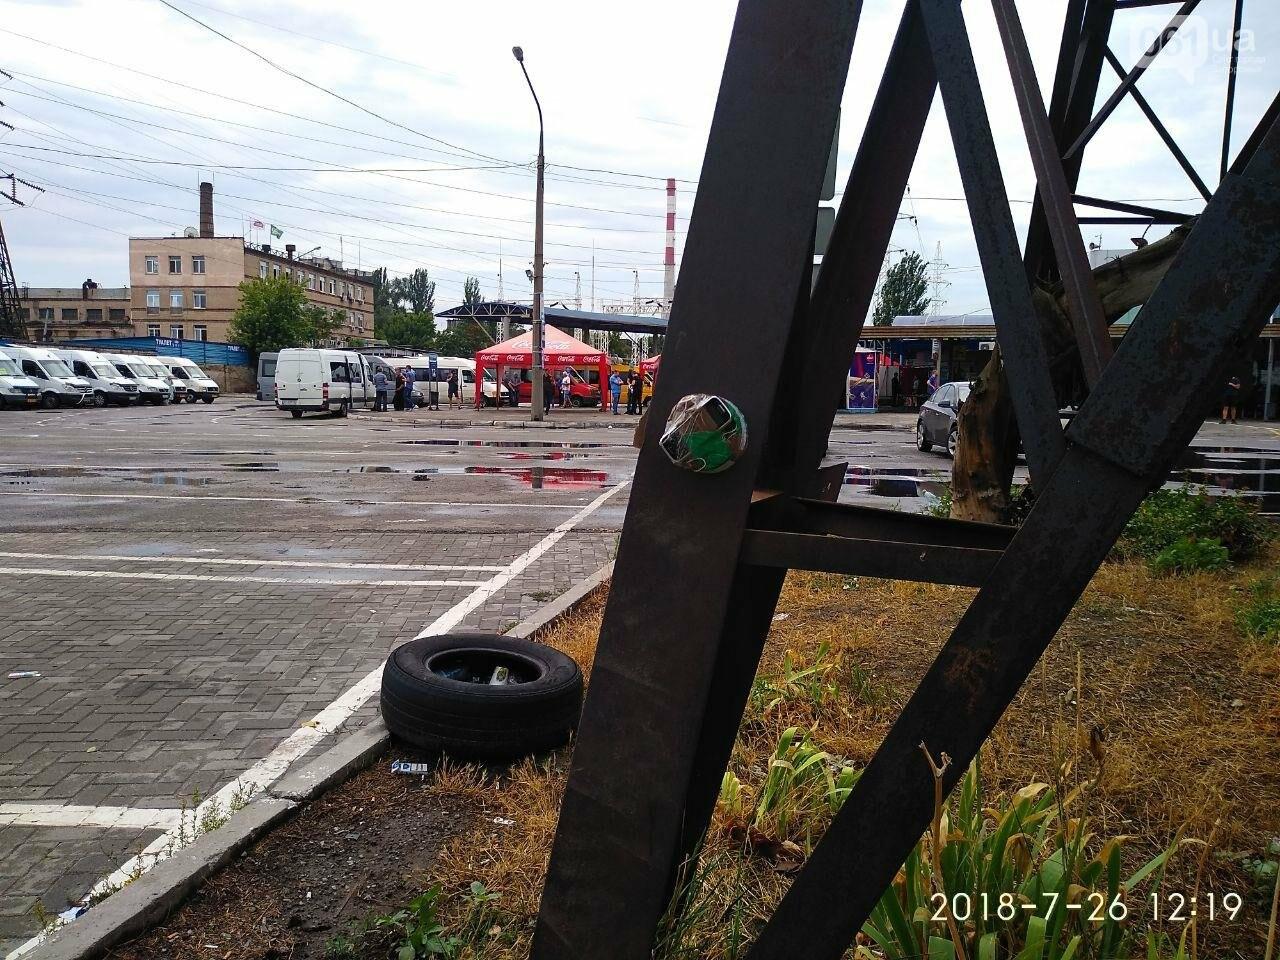 В Запорожье заминировали автовокзал - СБУ проводит учения, - ФОТО, фото-1